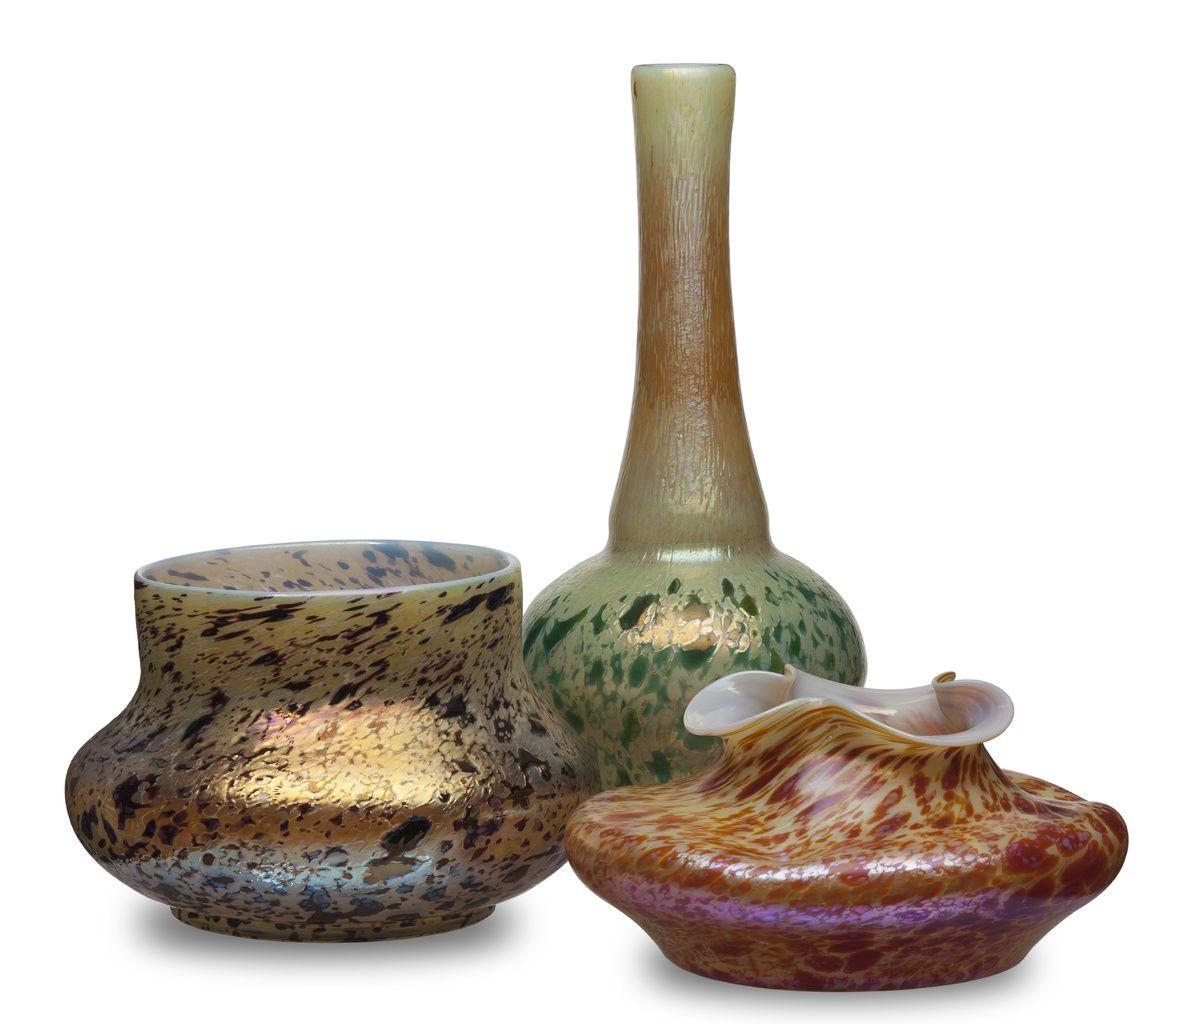 bohemian glass vase of p1r6muppfz7chbcm7qbtxw 1200a—1024 fritz heckart bohemian throughout p1r6muppfz7chbcm7qbtxw 1200a—1024